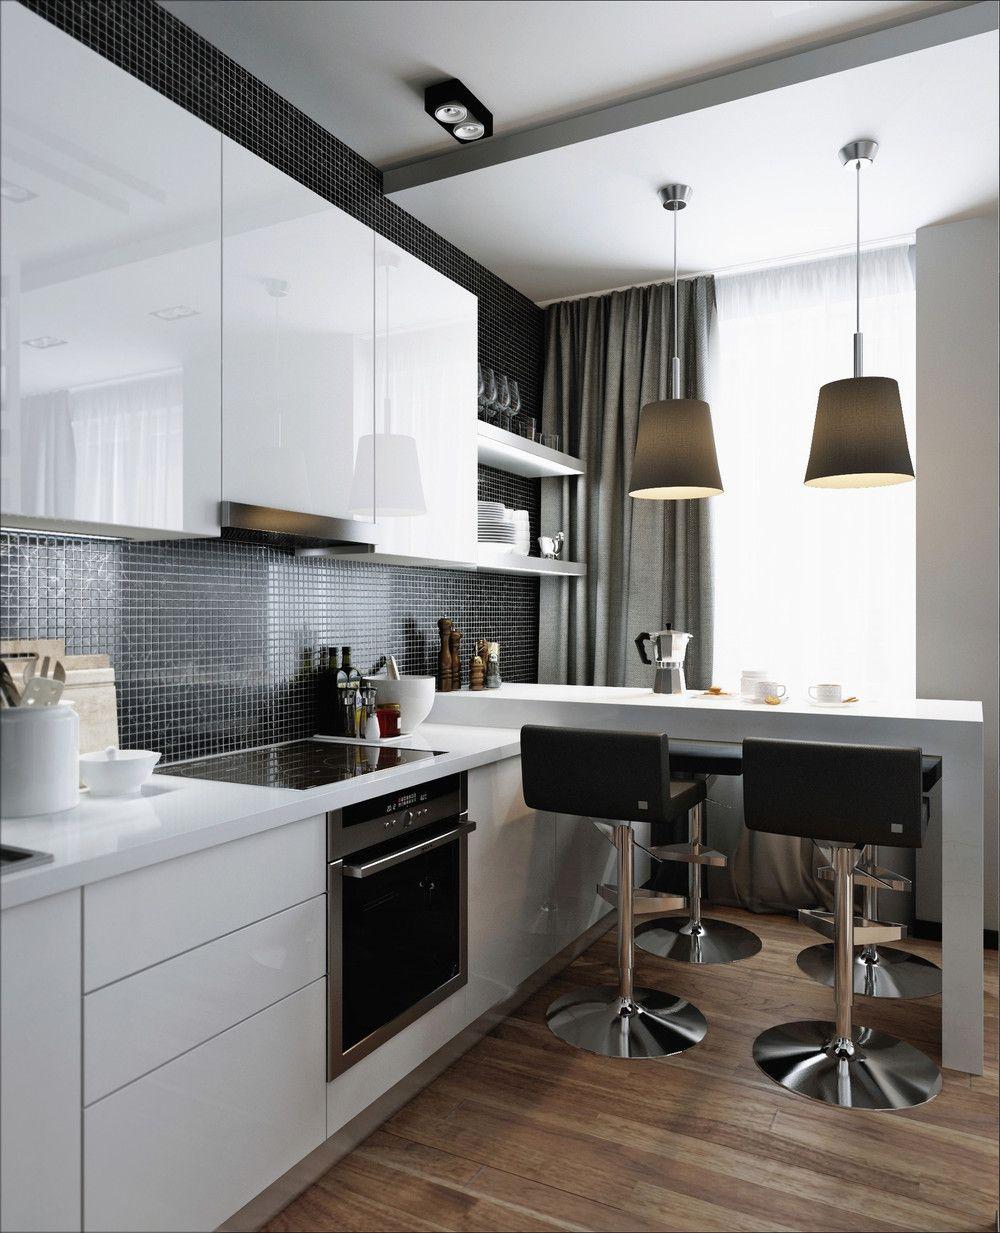 Küche interieur farbschemata  kleine wohnung designs gelten mit schönen farbschemata sieht so